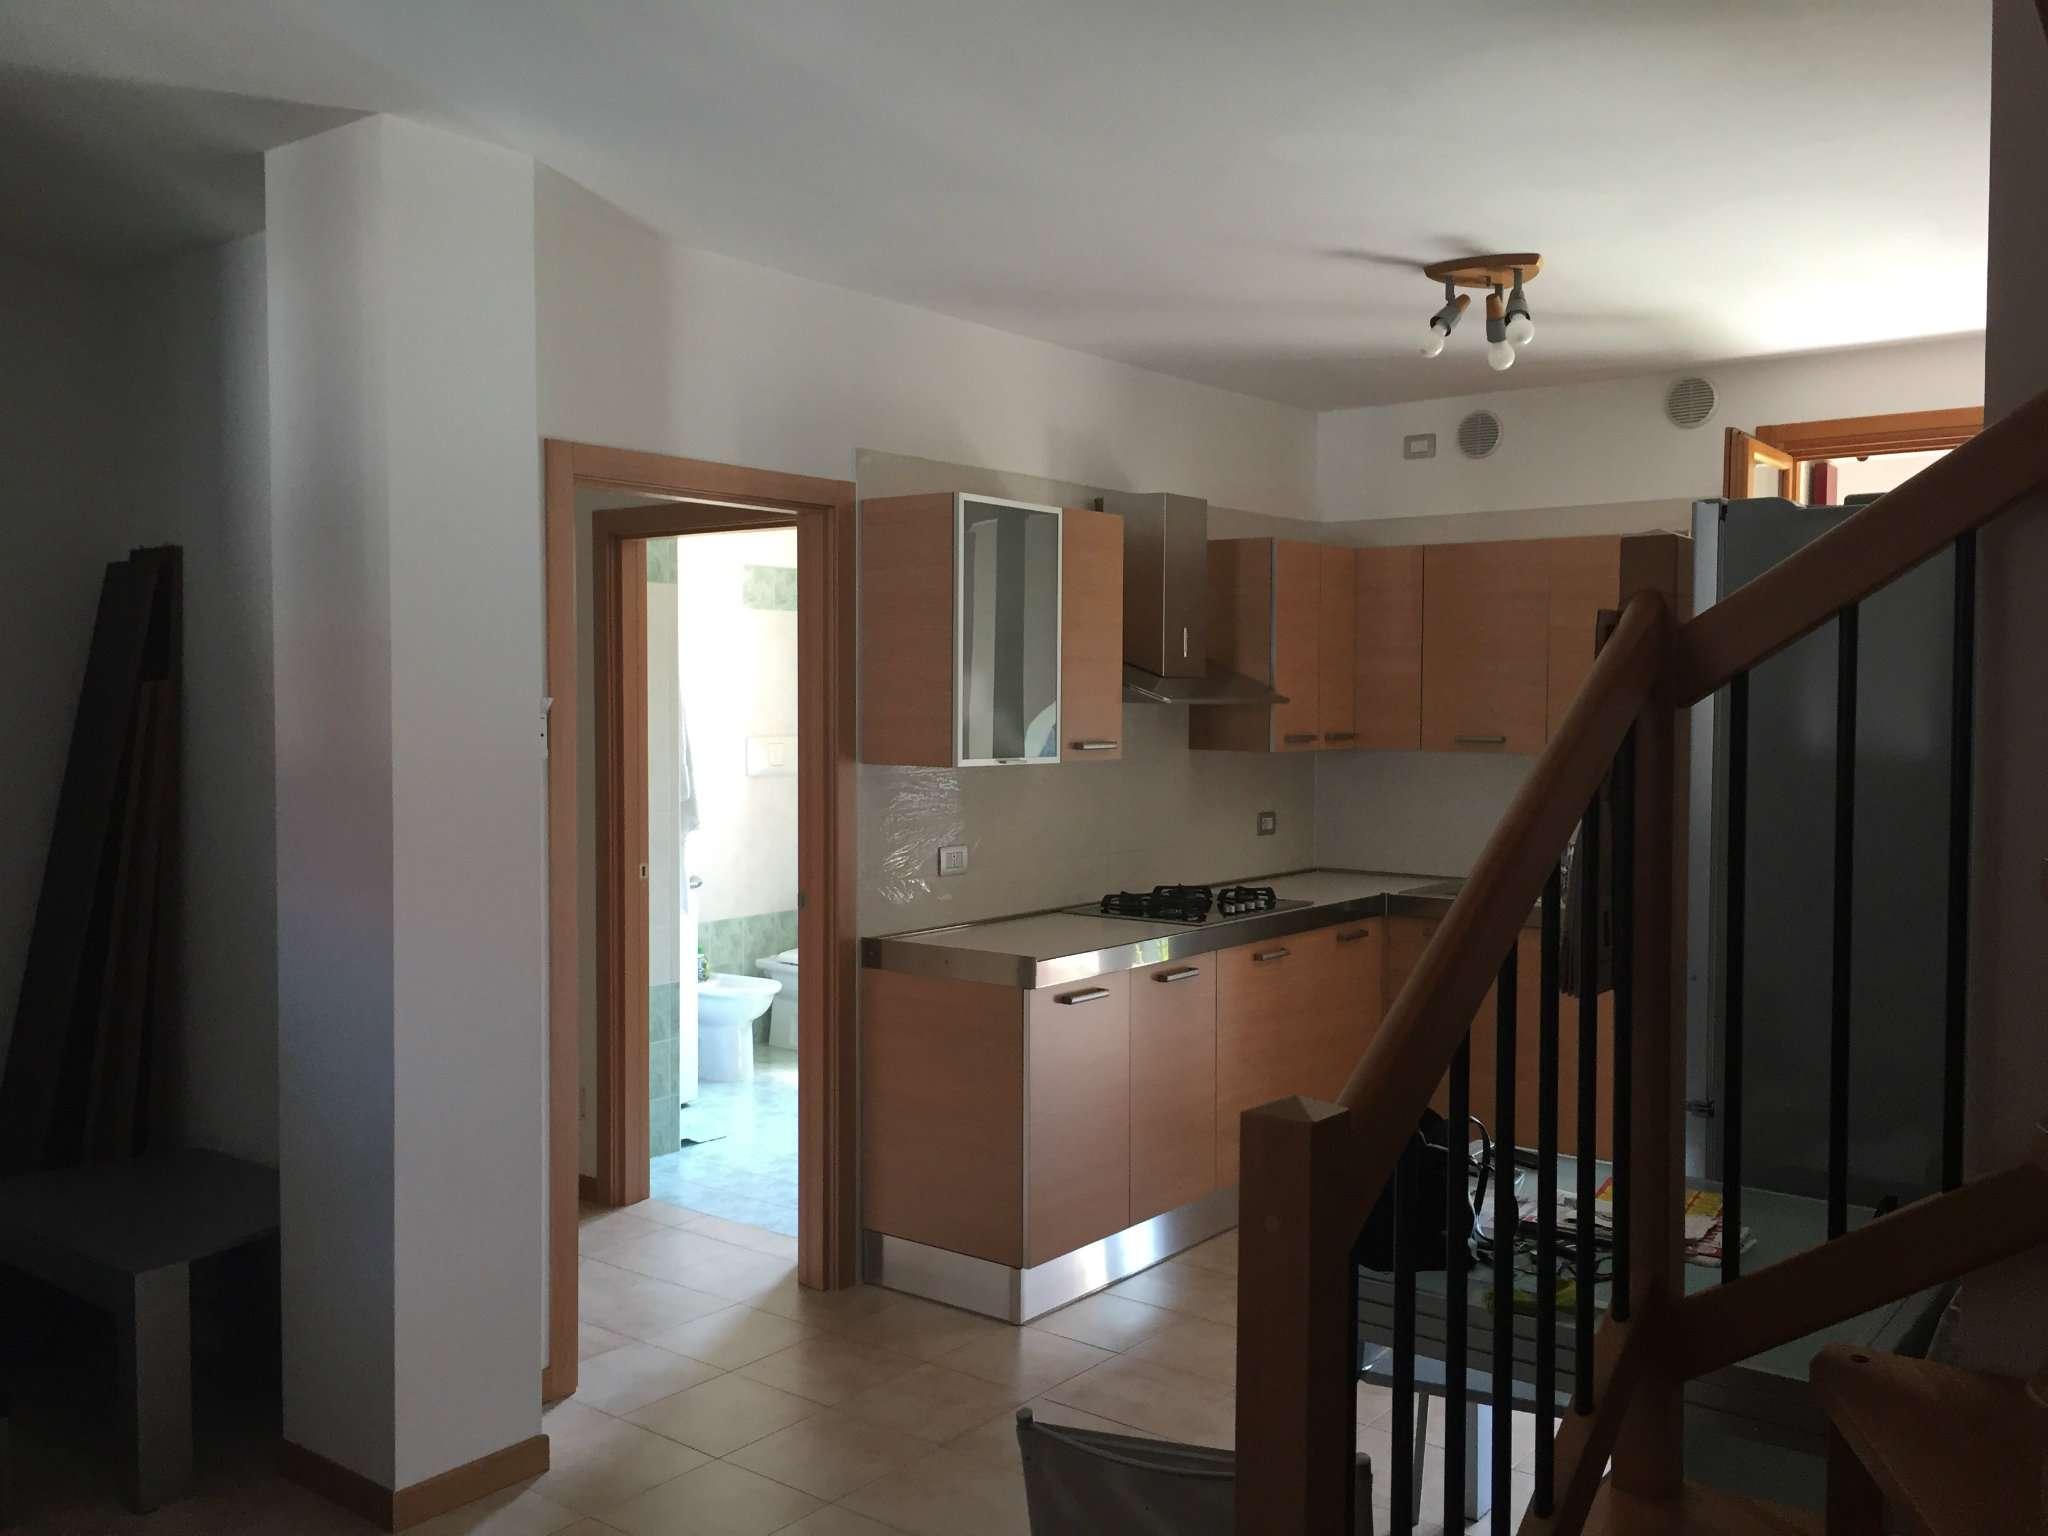 Appartamento in vendita a Paese, 3 locali, prezzo € 130.000 | CambioCasa.it